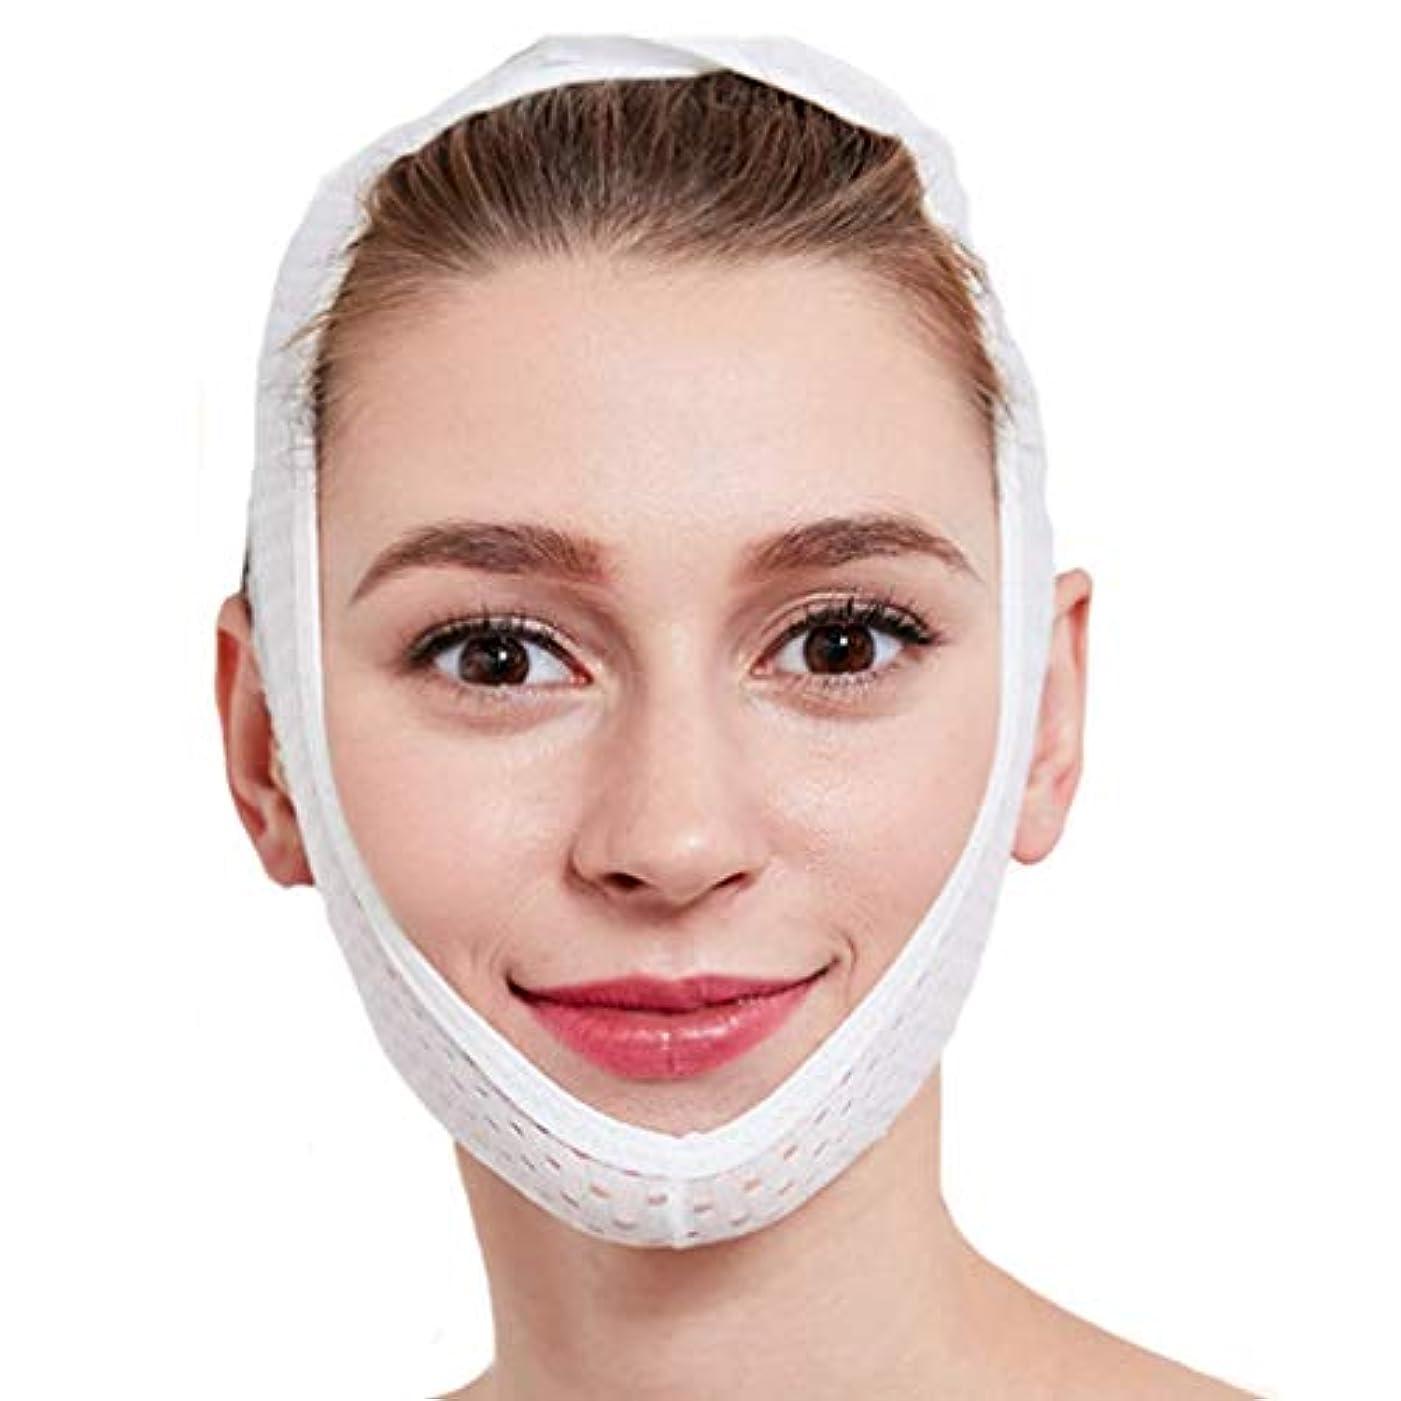 明確に警告する鎖小顔リフトアップベルト 小顔補正ベルト 小顔補正 美容グッズ 二重あご シェイプアップ 加圧マスク ベルト